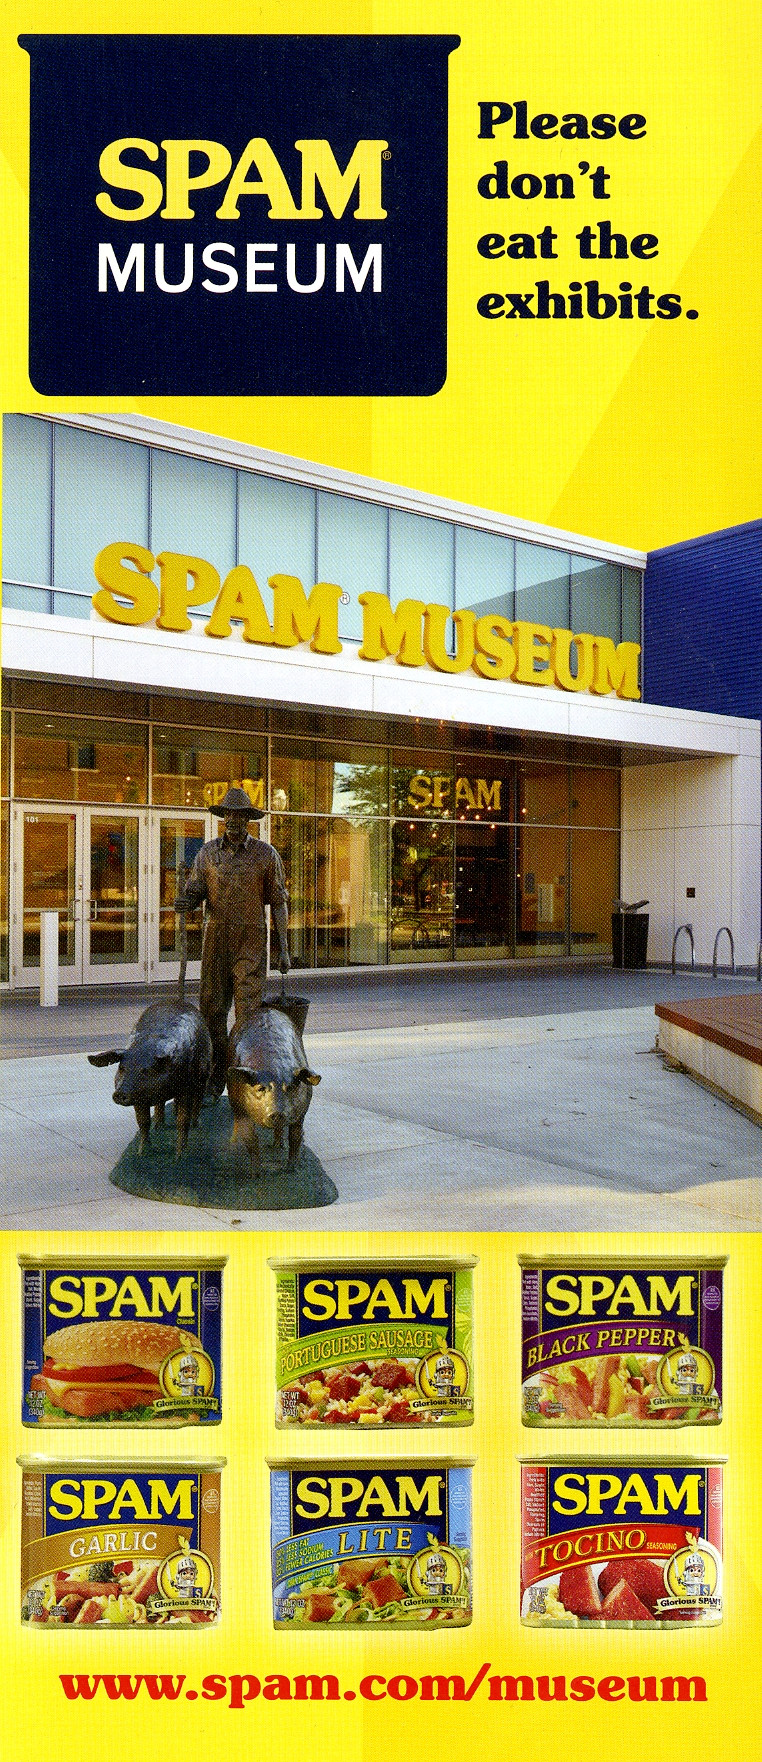 Spam museum ad